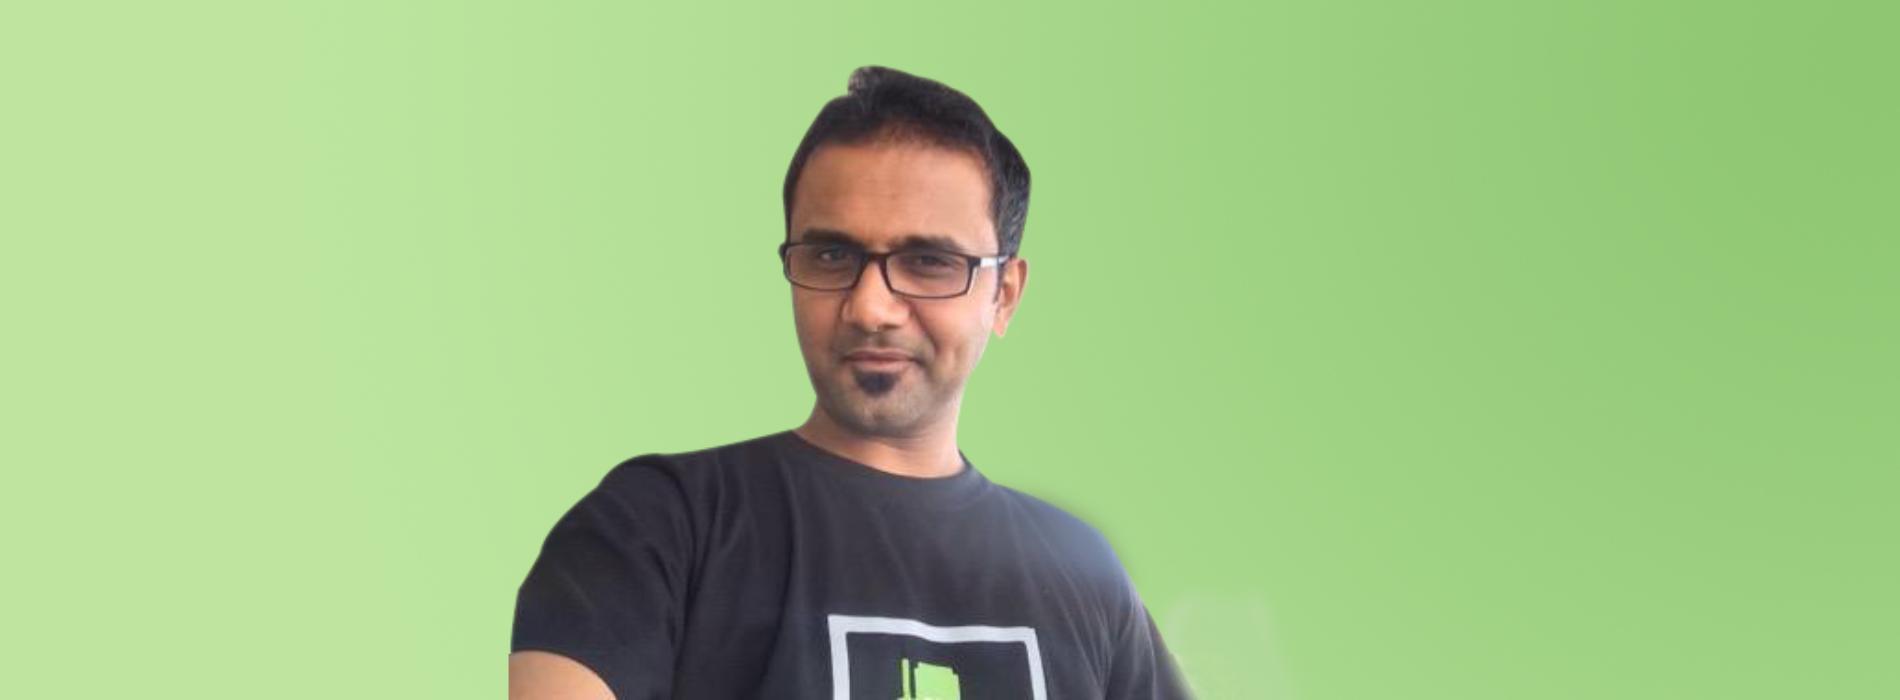 CEO of Plivo.com Venky B on Techidesi